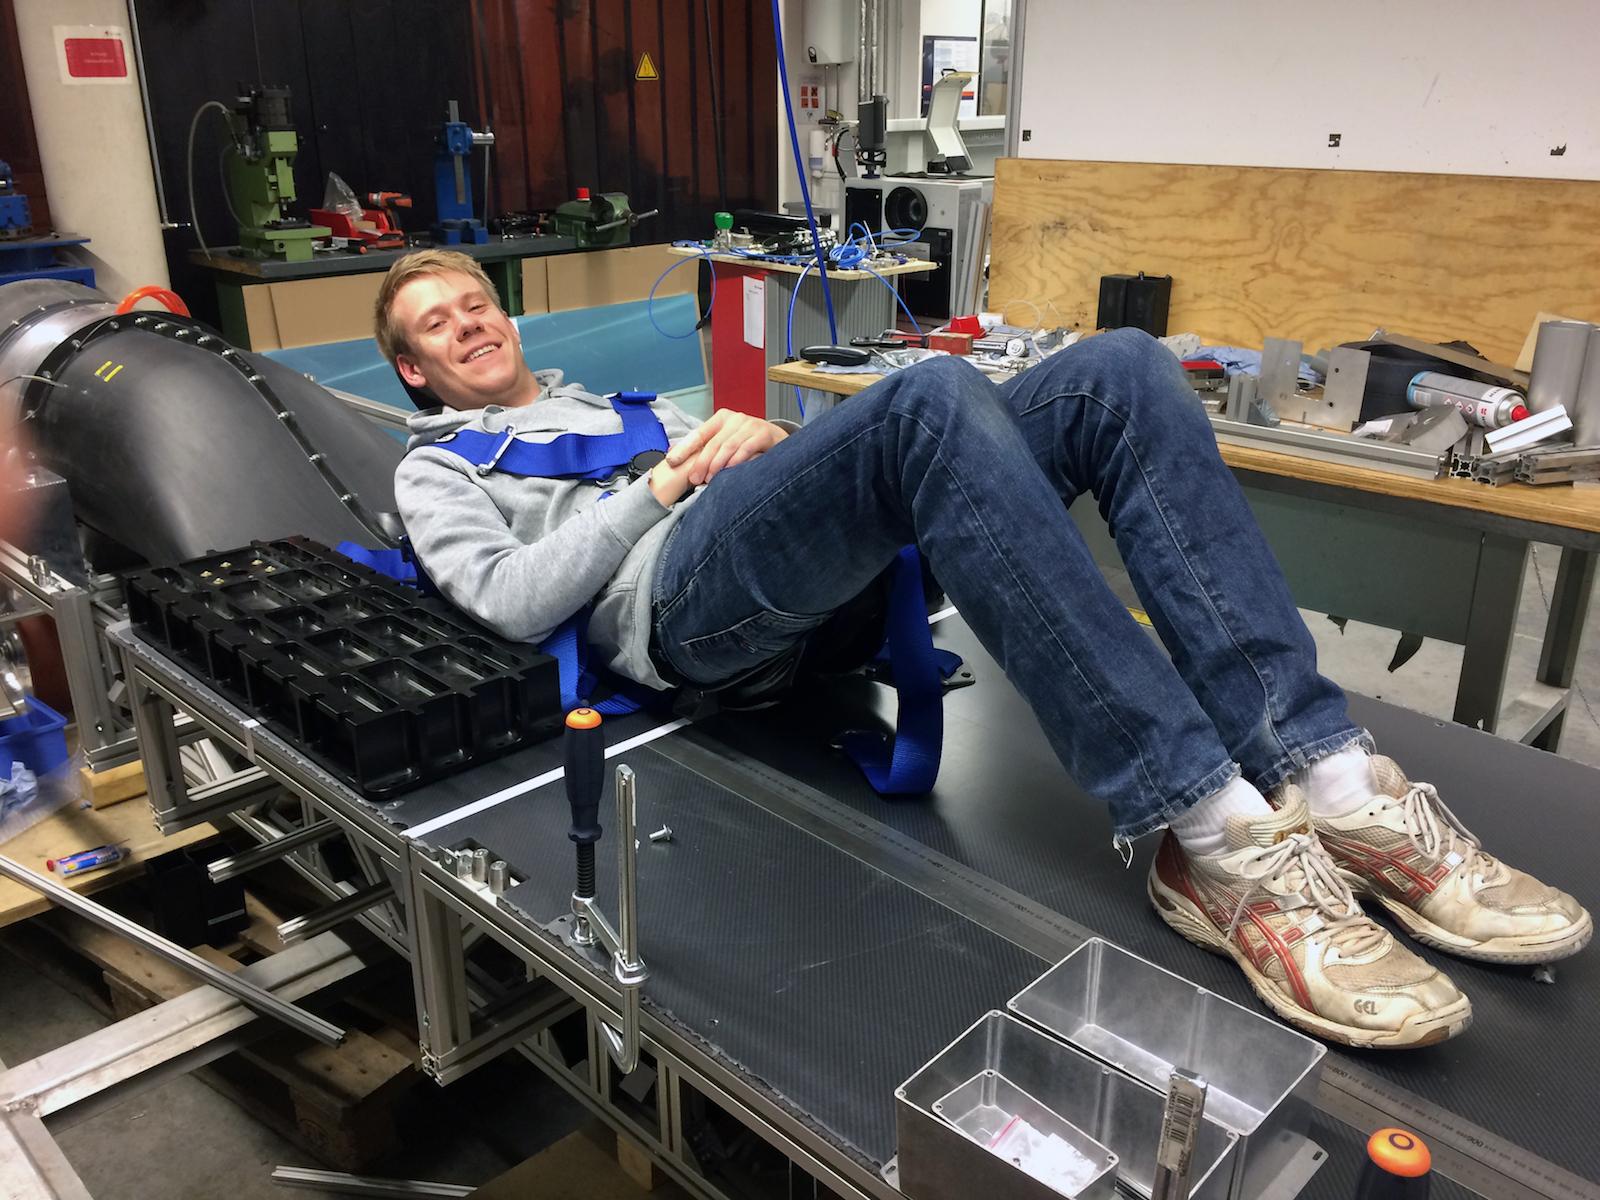 Thomas Ruck beim Probeliegen in der Passagierkapsel WARR Hyperloop: Der 26-jährige Student der Luft- und Raumfahrt an der TU München hat sich ein Jahr lang ausschließlich mit dem Projekt beschäftigt. Er ist für die Bremsen zuständig.